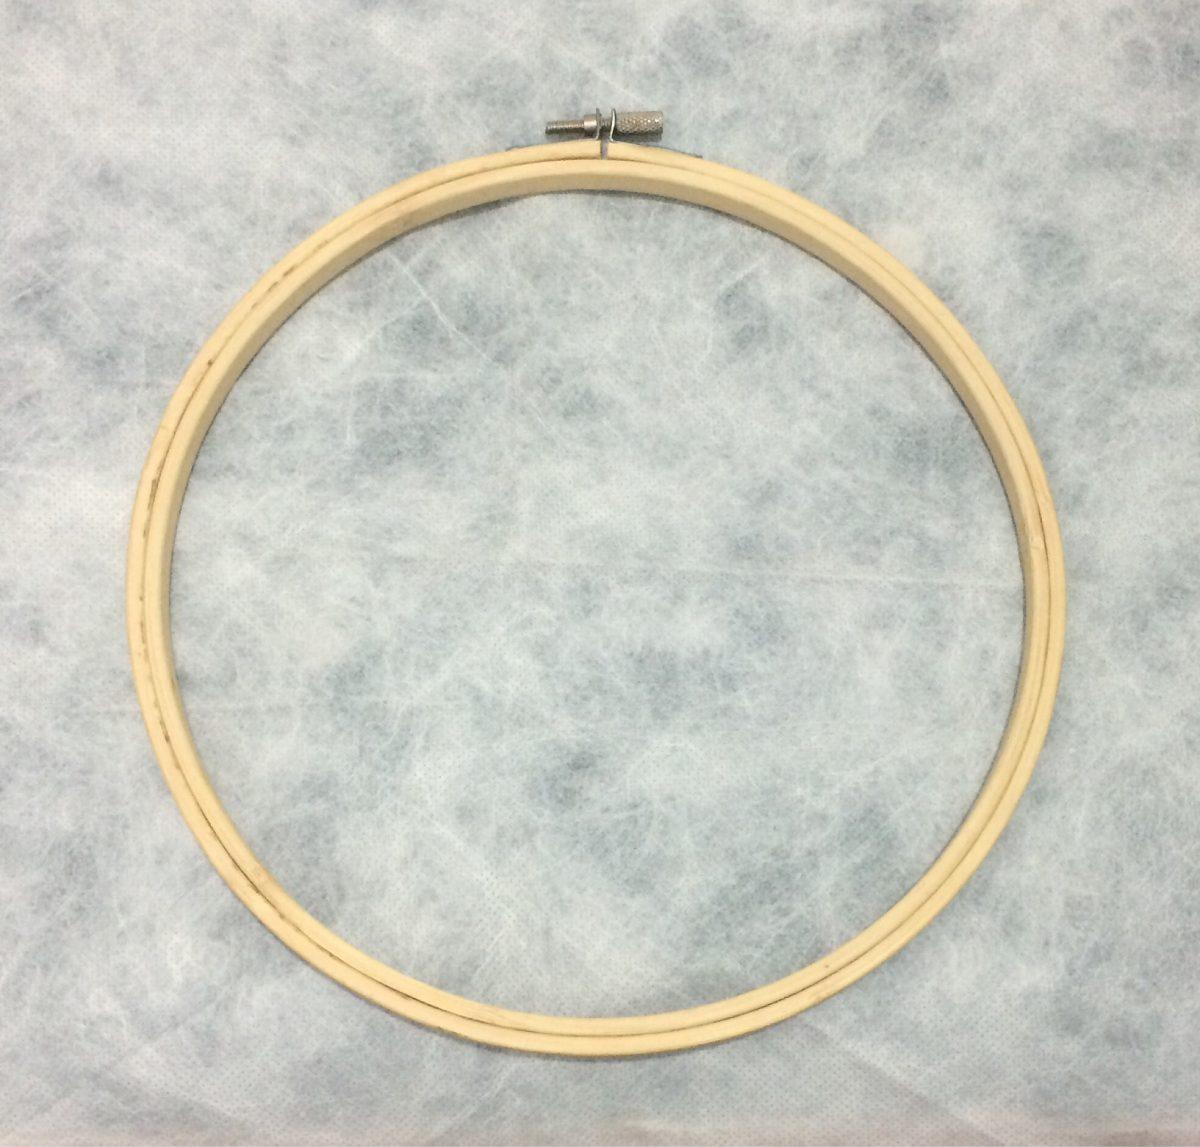 Bastidor De Bambú Para Bordar De 23cm - $ 150,00 en Mercado Libre